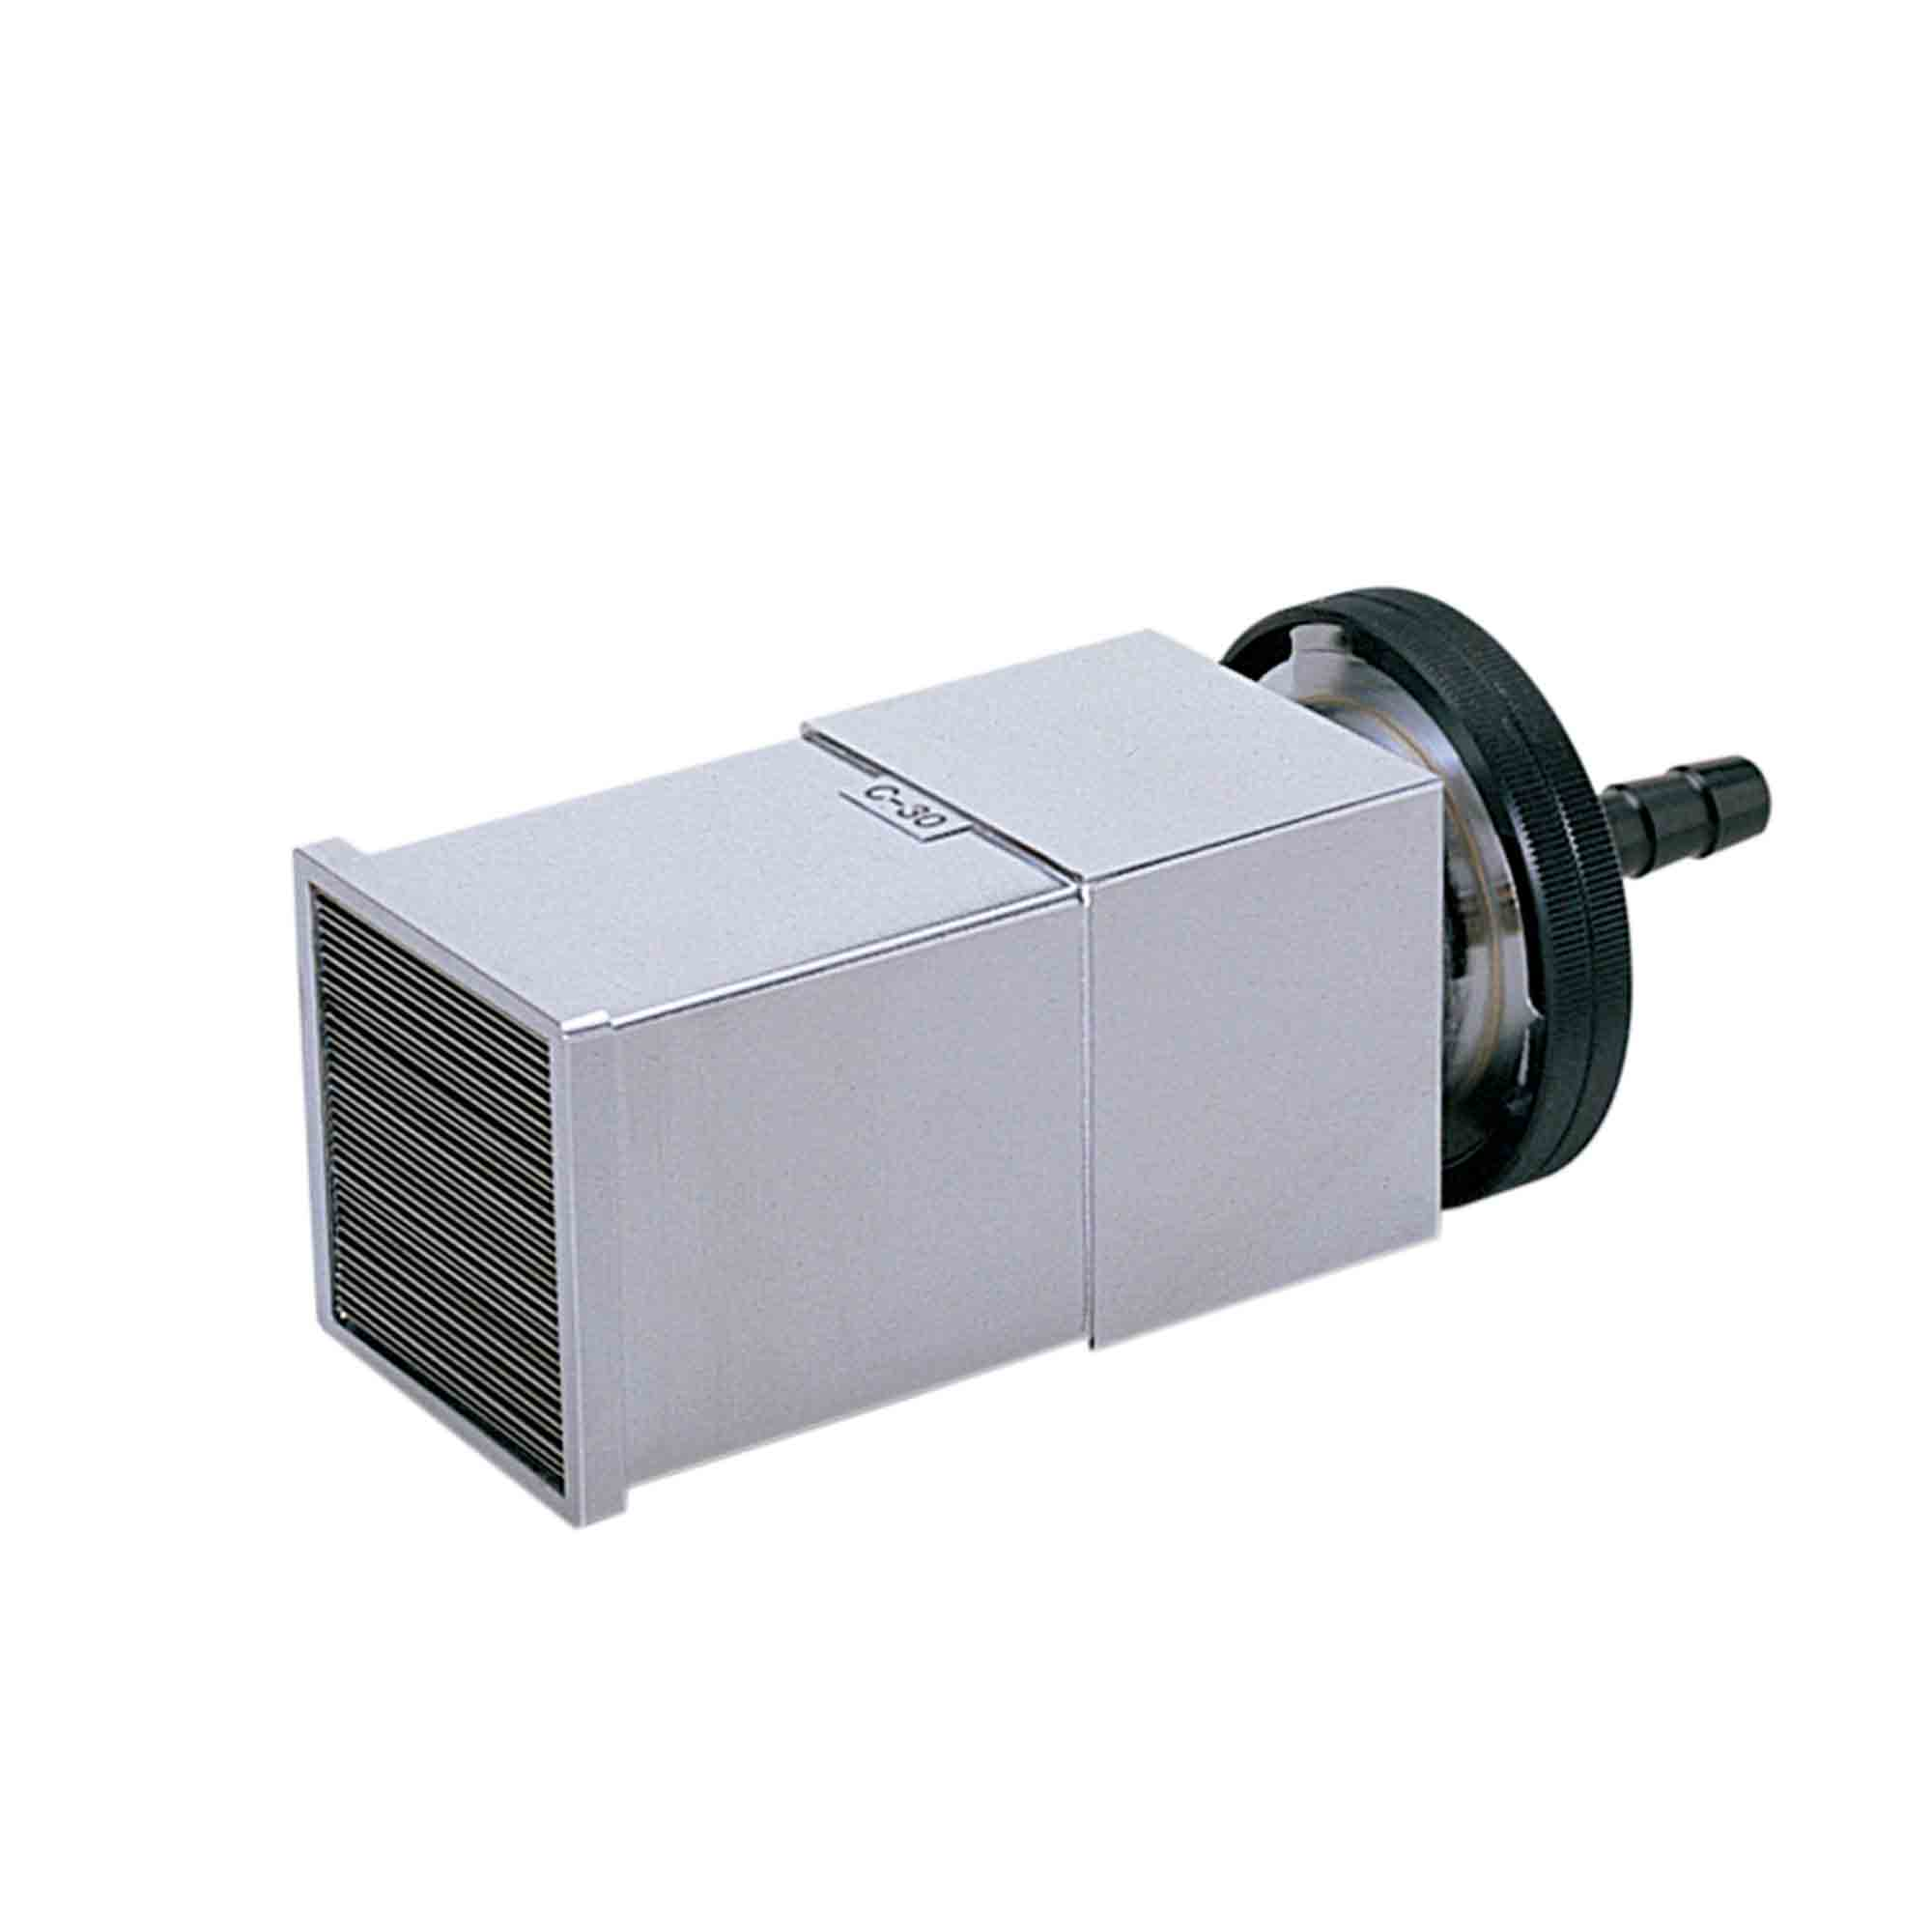 滤纸架C - 30型(多级型筛分装置付)|柴田科技有限公司-环境检测设备、科学仪器的制造销售